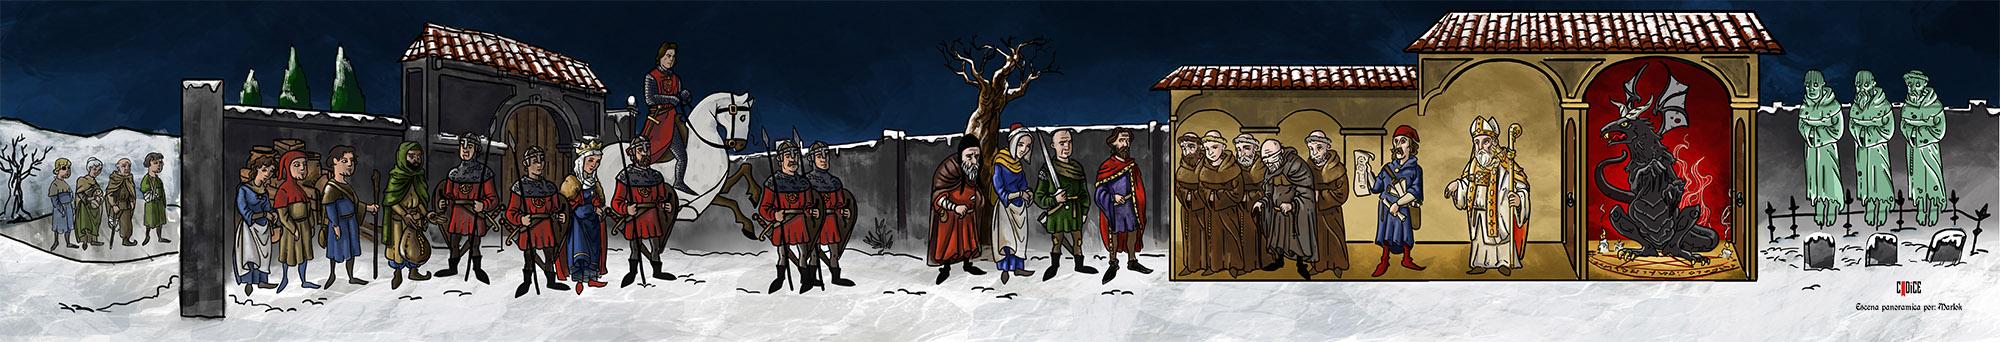 escena panoramica por Marlok de una noche en la abadía, partida del grupo creativo Codice para Aquelarrede Nosolorol